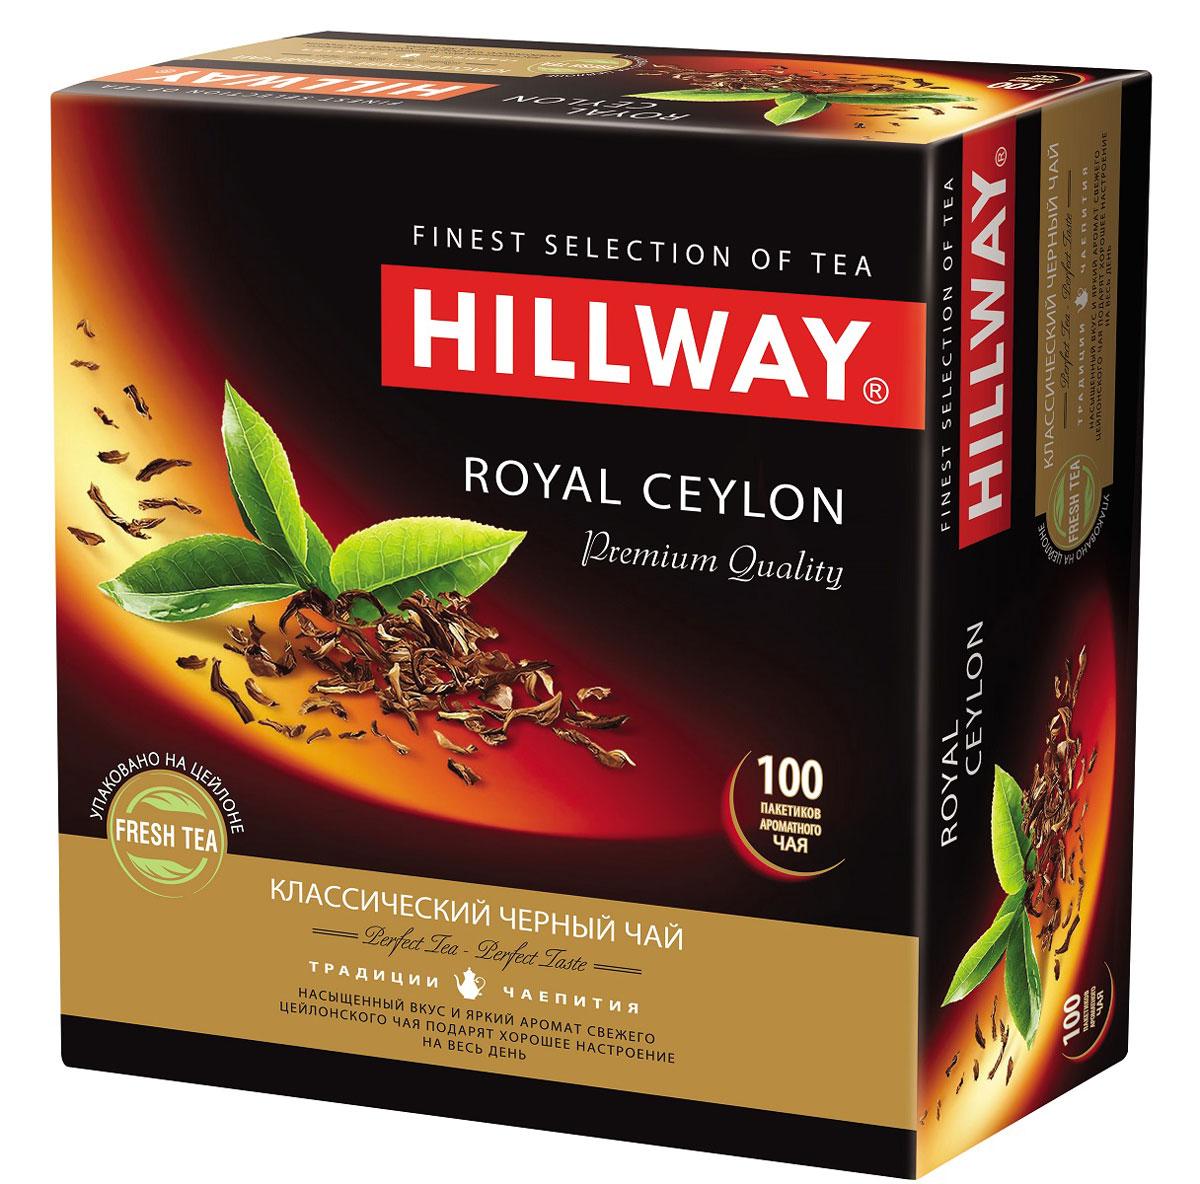 Hillway Royal Ceylon чай черный в пакетиках, 100 шт8886300990058Изысканный черный чай Hillway Royal Ceylon бережно собирается на высокогорных плантациях острова Шри-Ланка. Его букет отличается ароматом с цветочными нотками и насыщенным вкусом, что является характерной особенностью цейлонского чая.